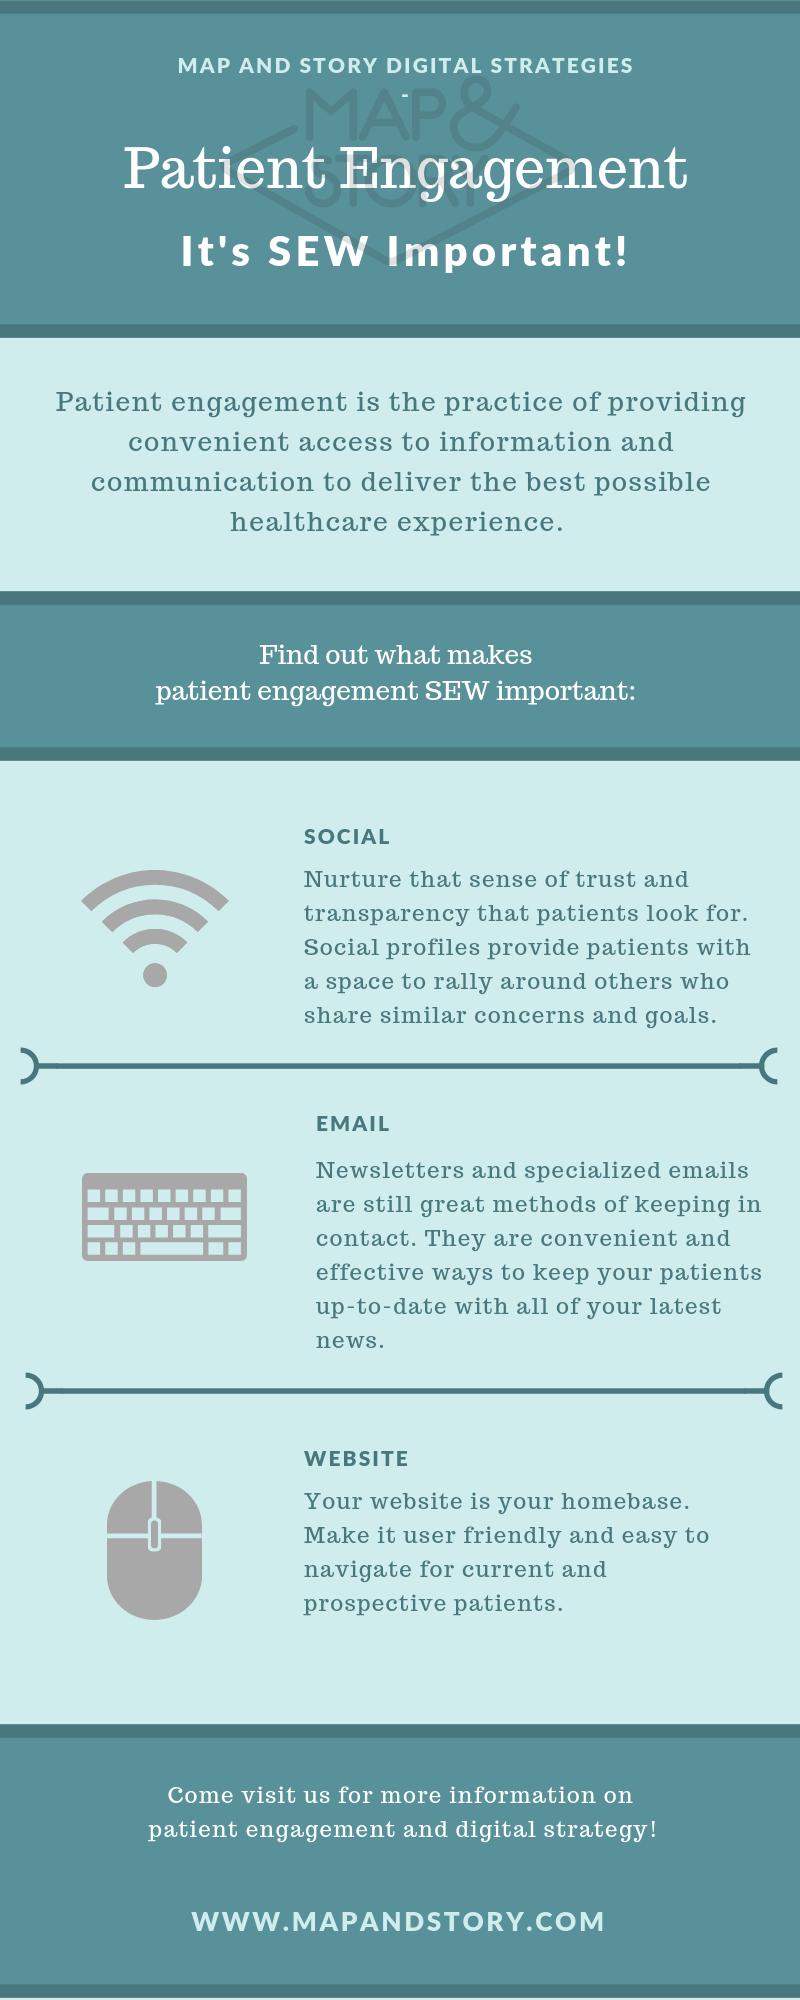 patient engagement, digital strategy